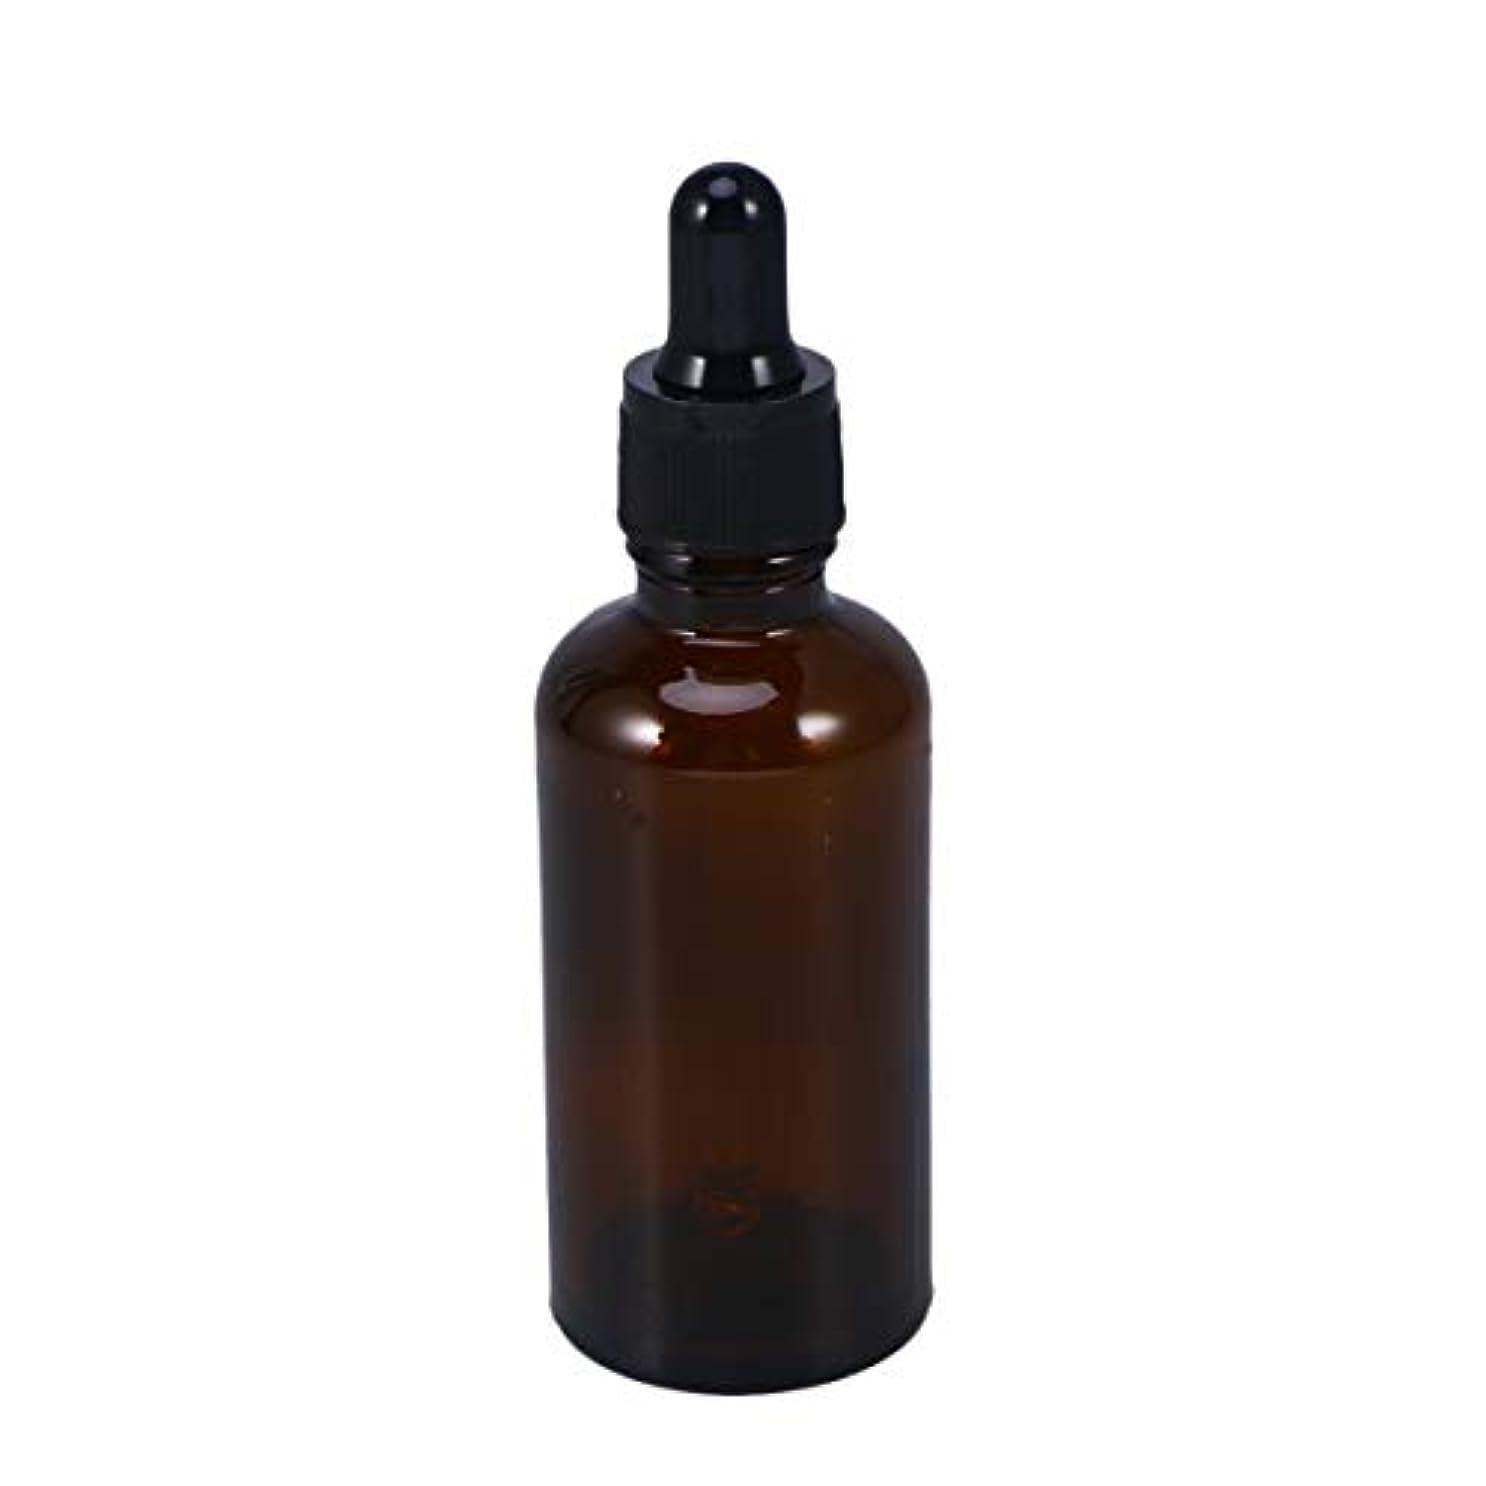 入力ニュージーランド無法者Frcolor 遮光瓶 スポイト遮光瓶 スポイト付き アロマボトル 50ml 保存容器 エッセンシャルオイル 香水 保存用 詰替え ガラス 茶色